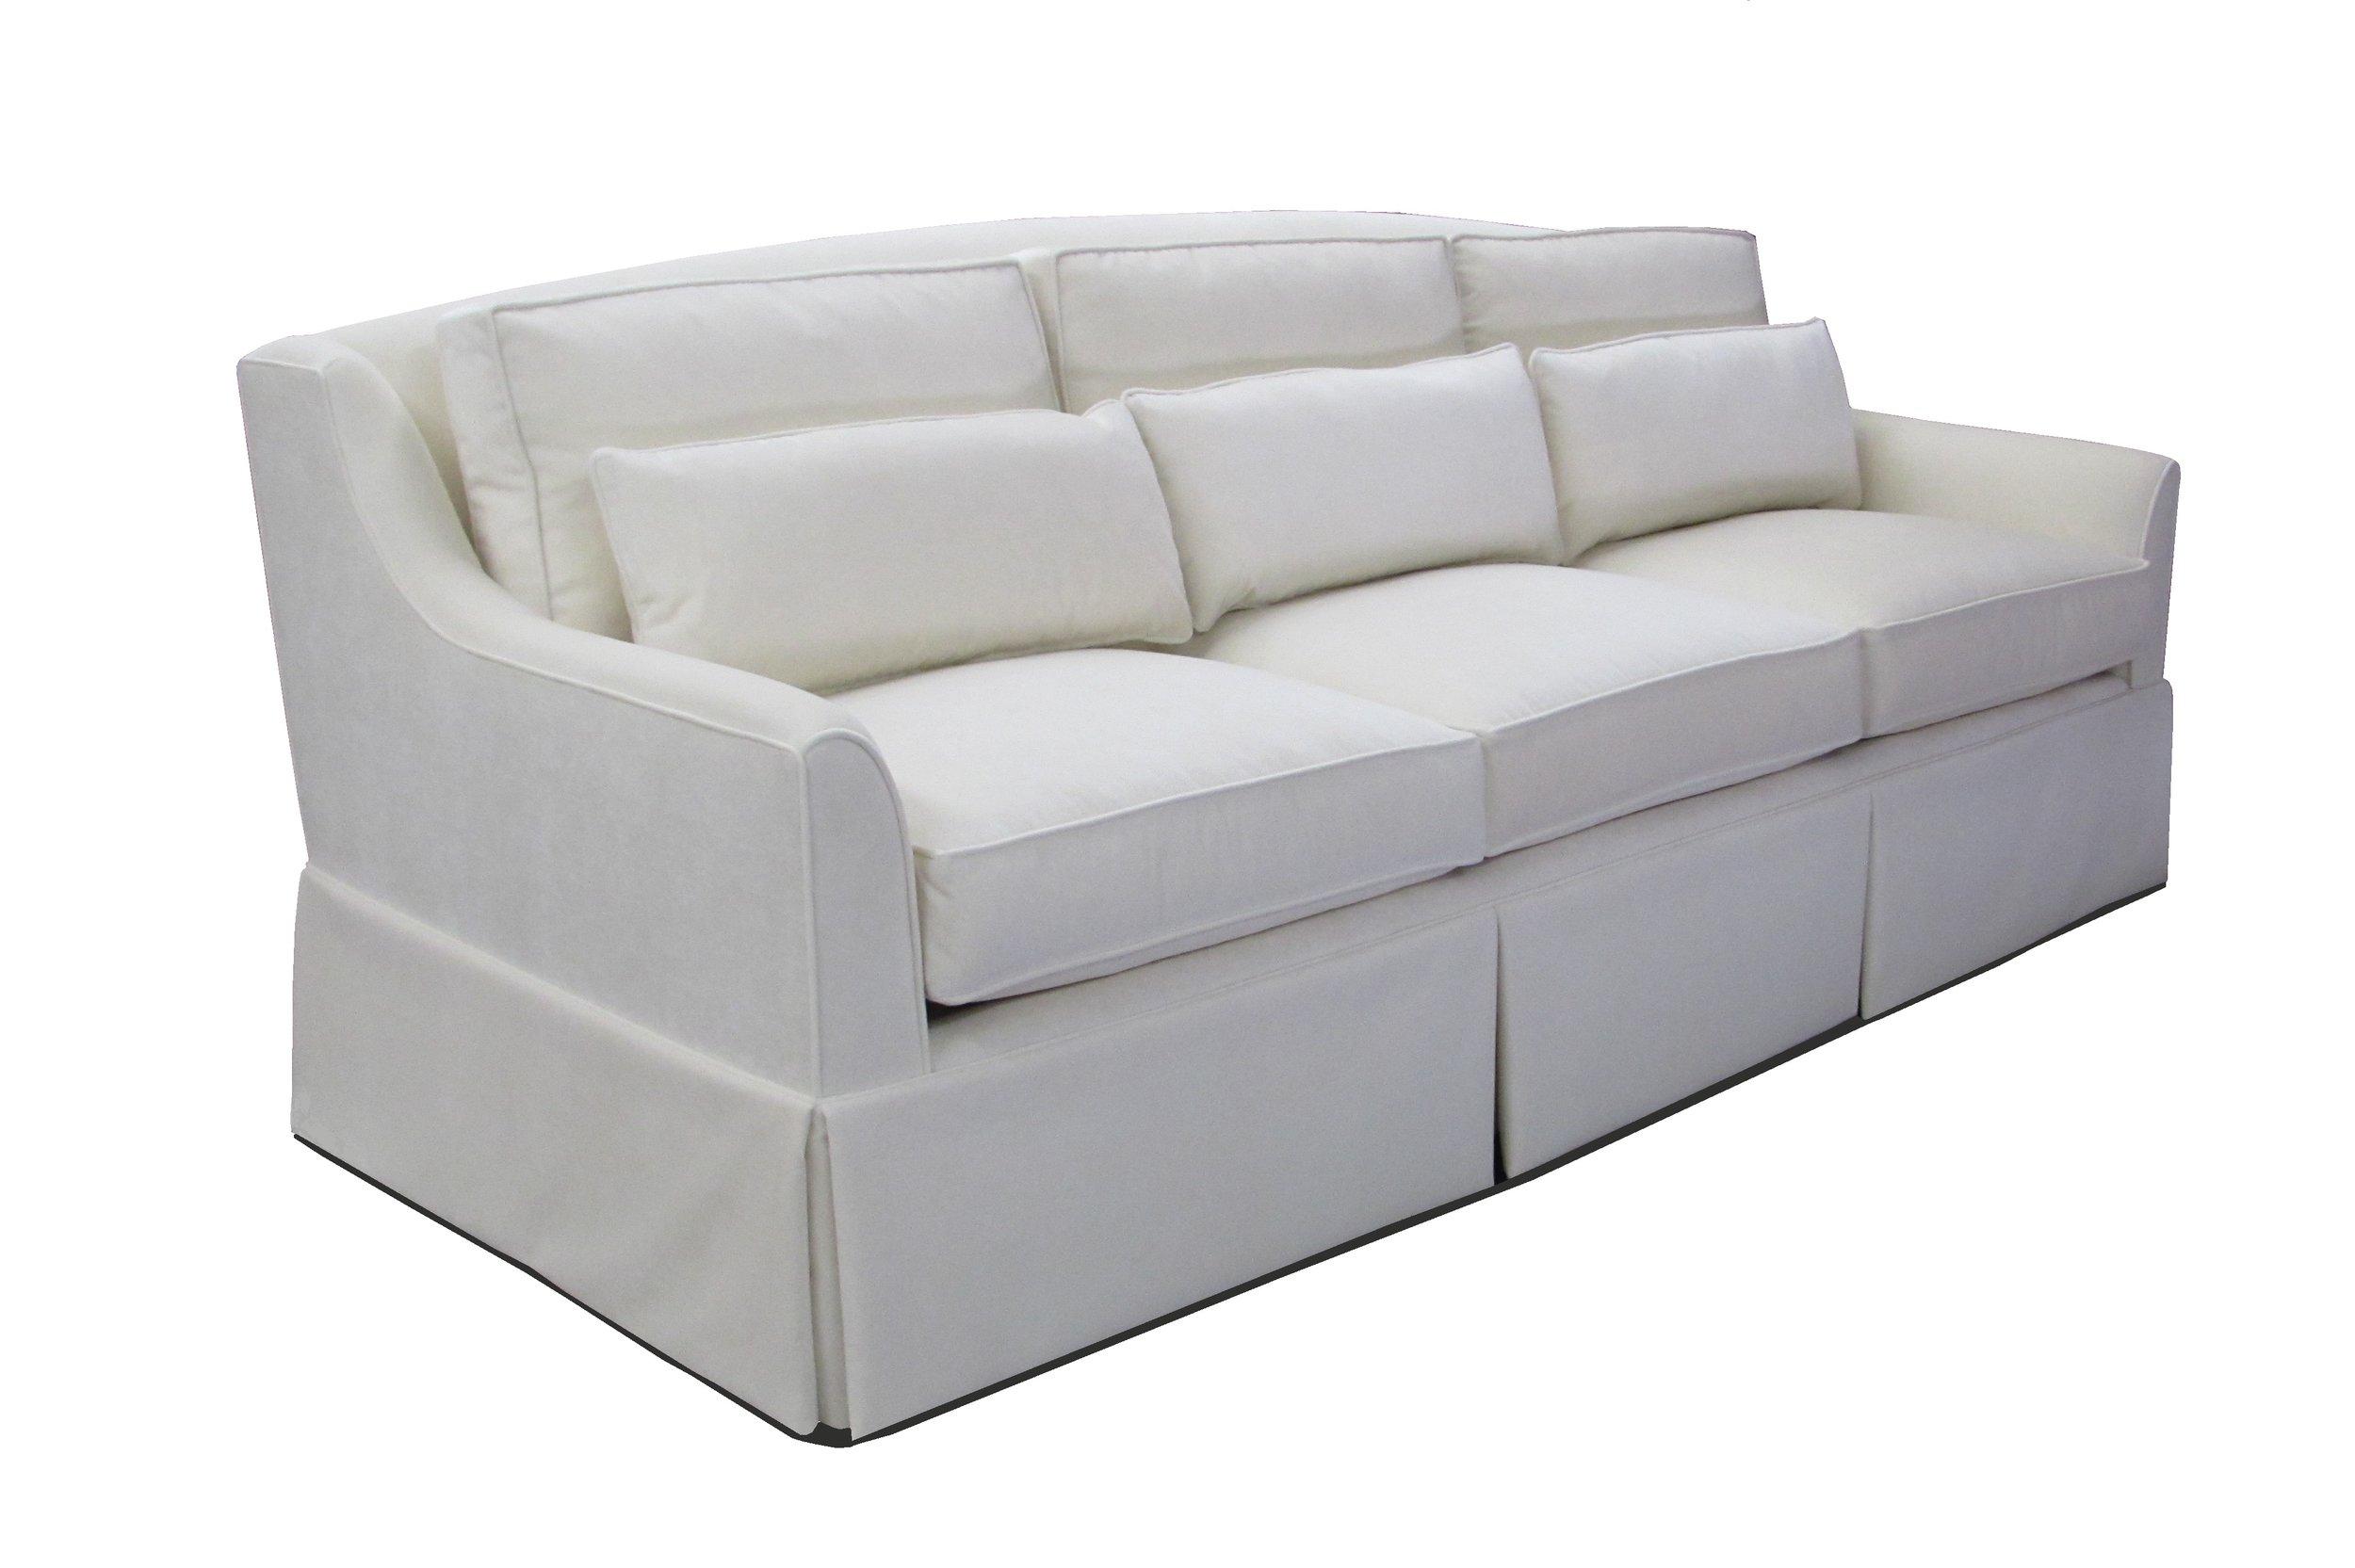 312 Sofa